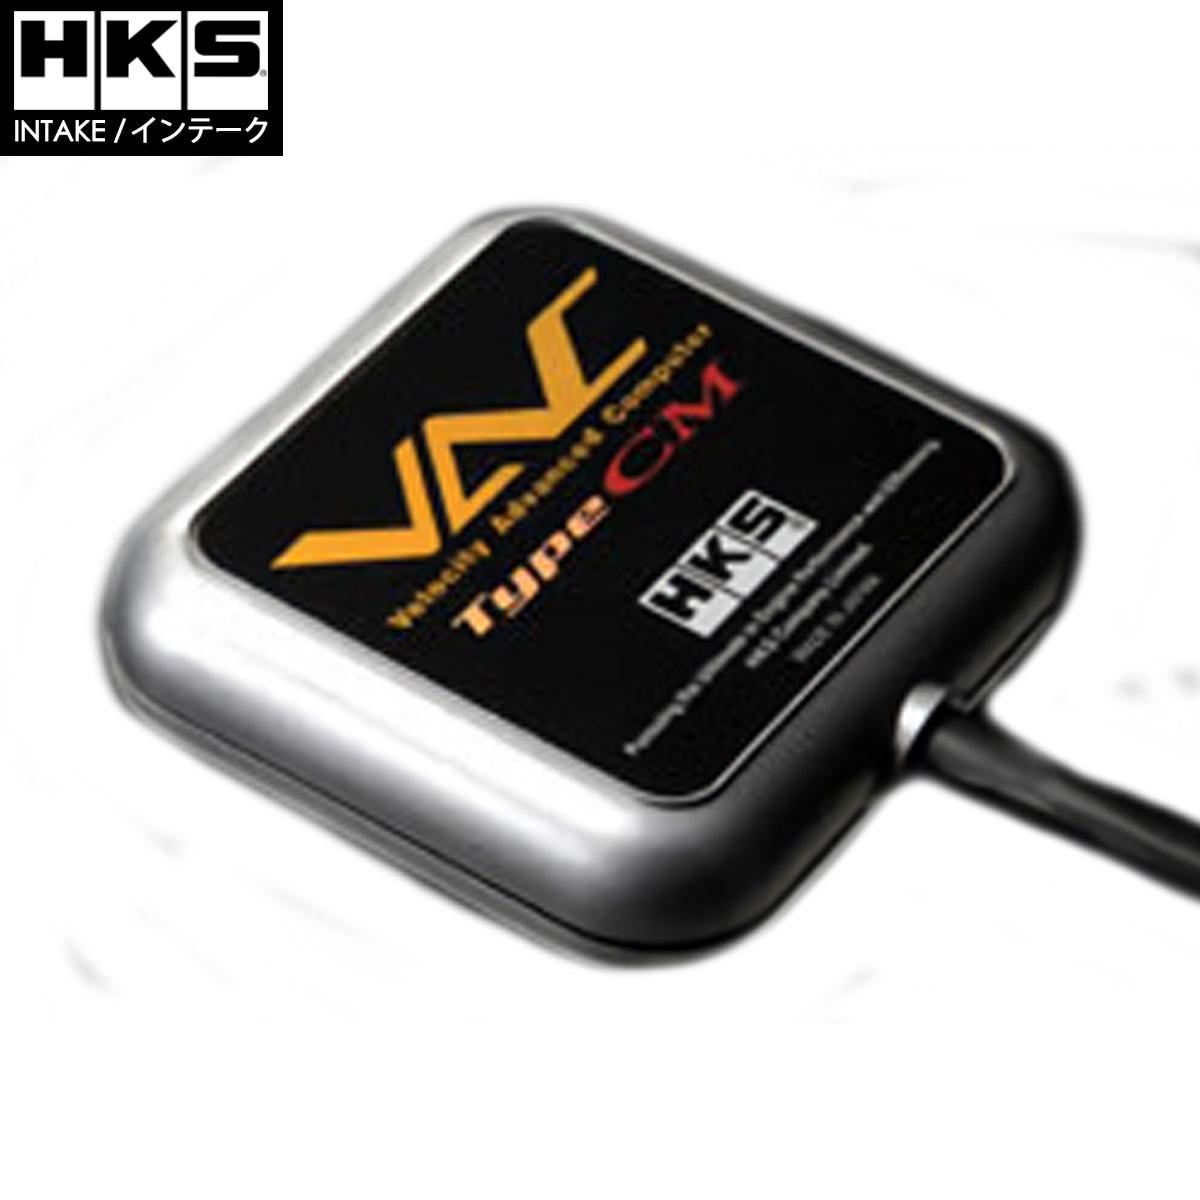 ランエボX ランサーエボリューション スピードリミッターカット VAC ヴェロシティー アドバンスド コンピューター HKS 45002-AM002 エレクトリニクス